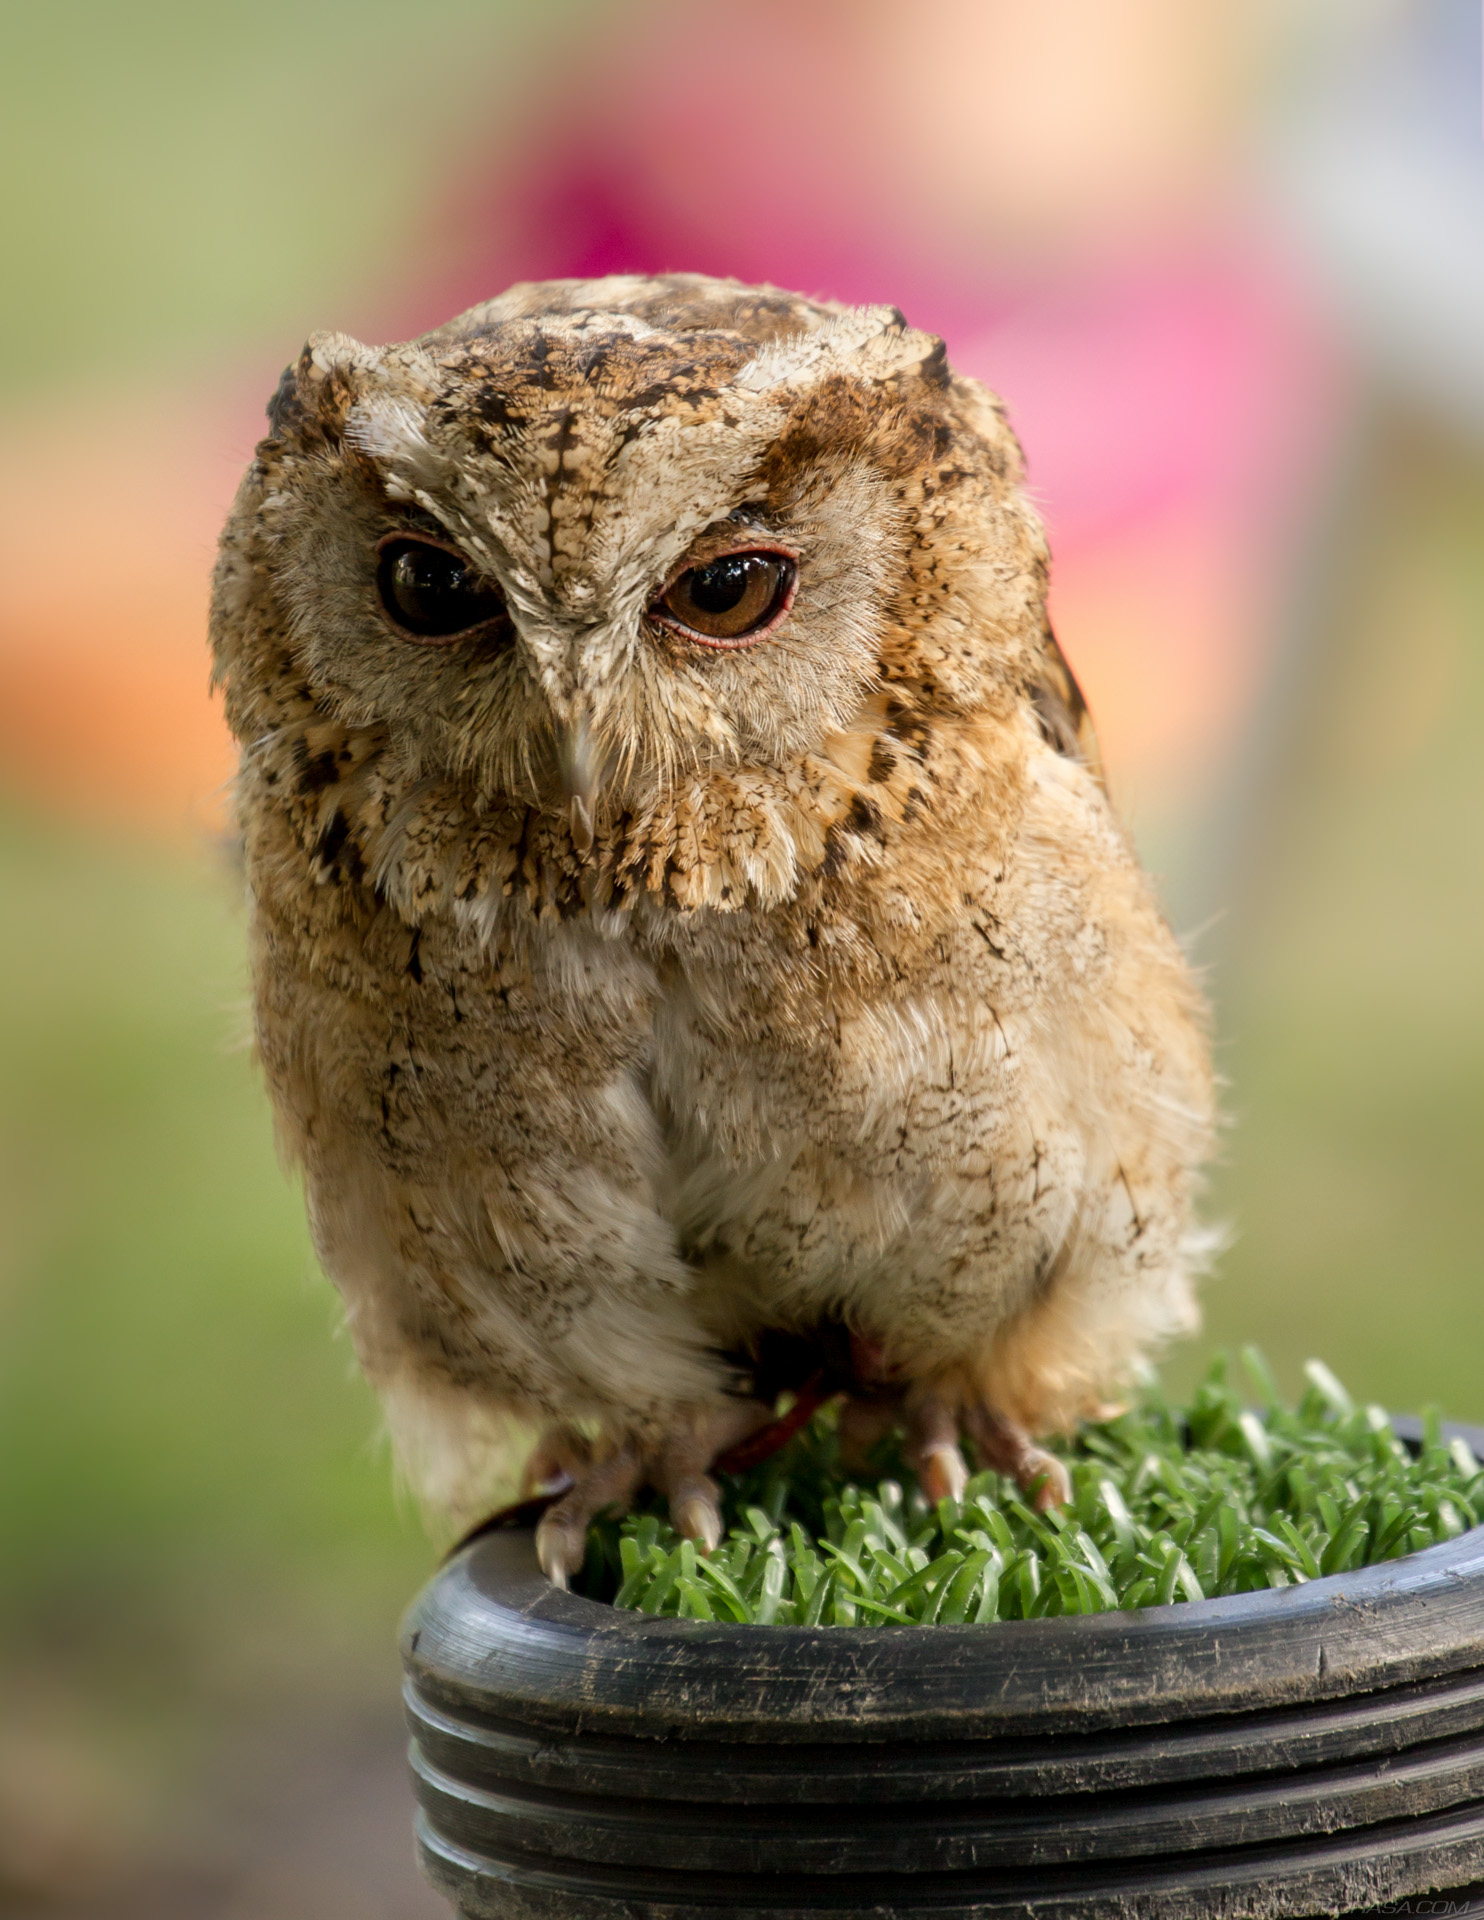 https://photorasa.com/owls/juvenile-fluffy-little-owl/